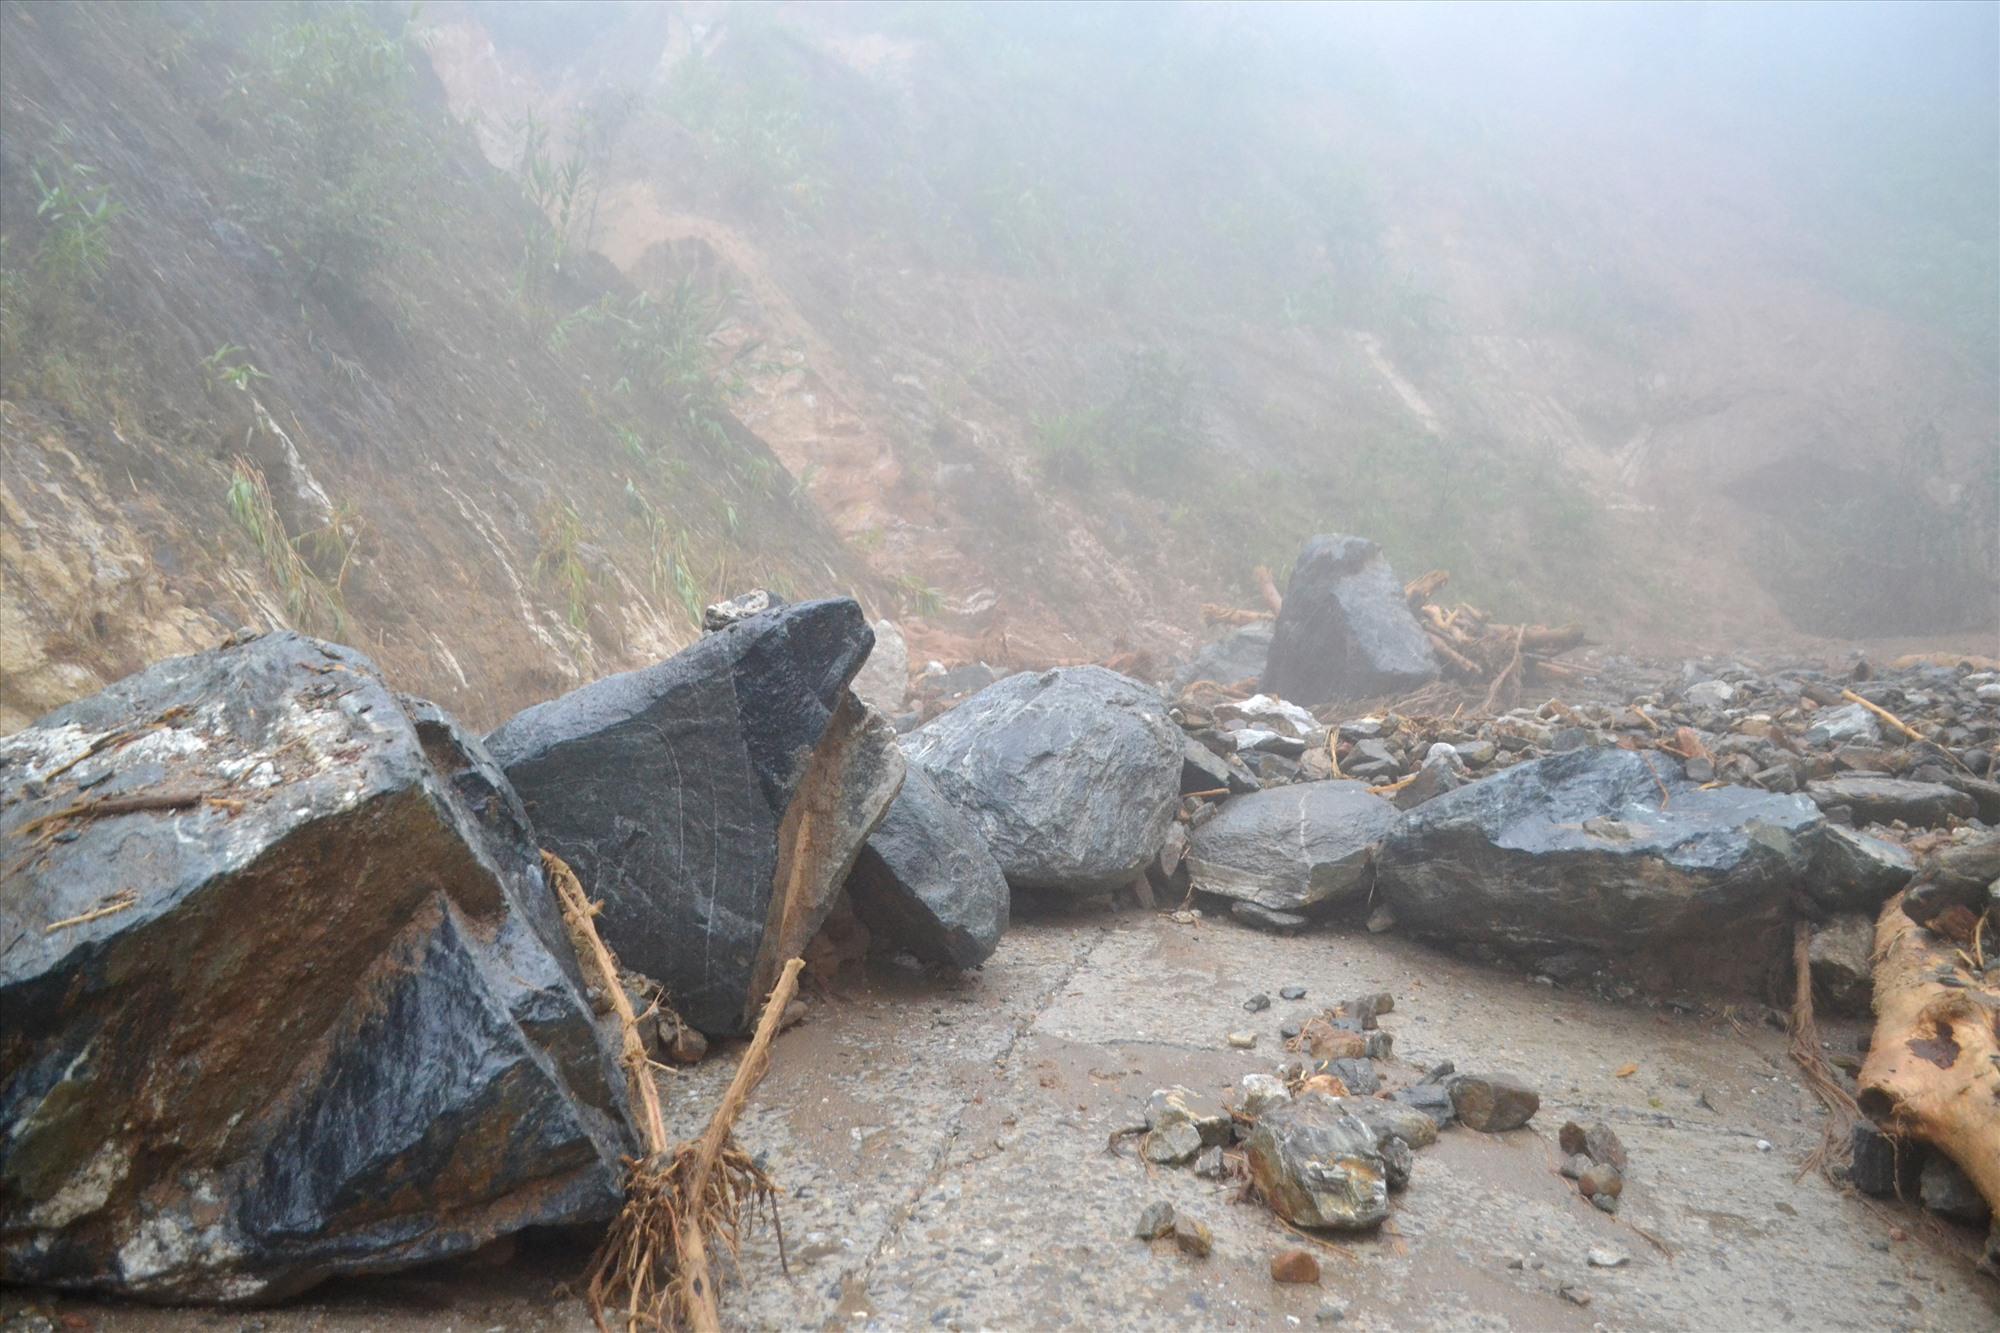 Lũ dữ cuốn trôi cả những tảng đá lớn trên mặt đường. Ảnh: CT